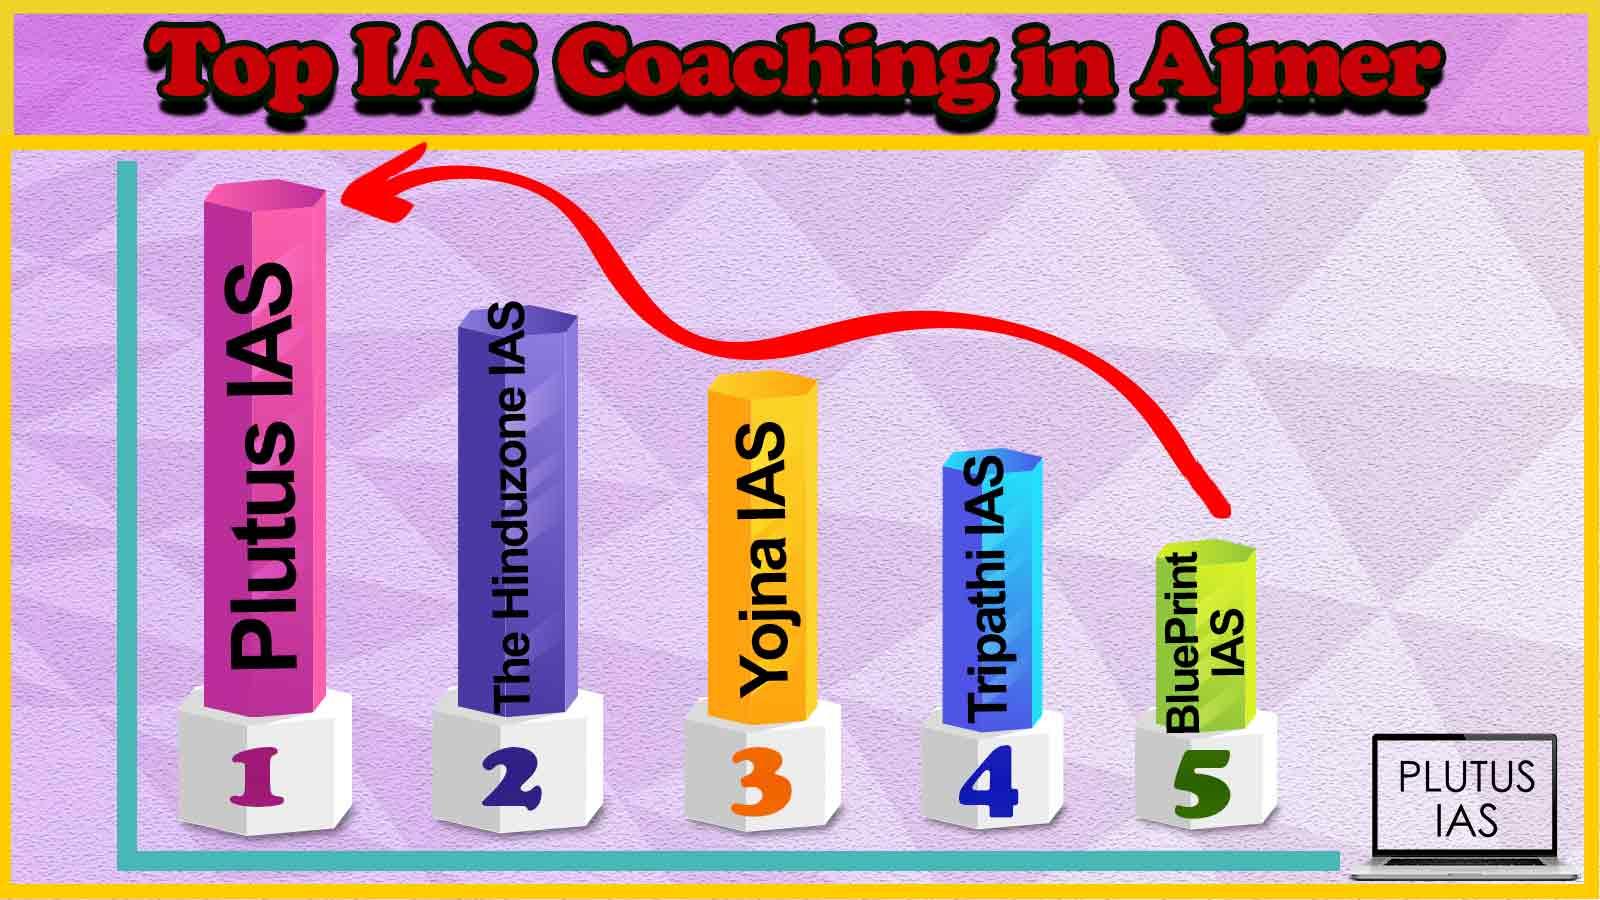 Best 10 IAS Coaching in Ajmer